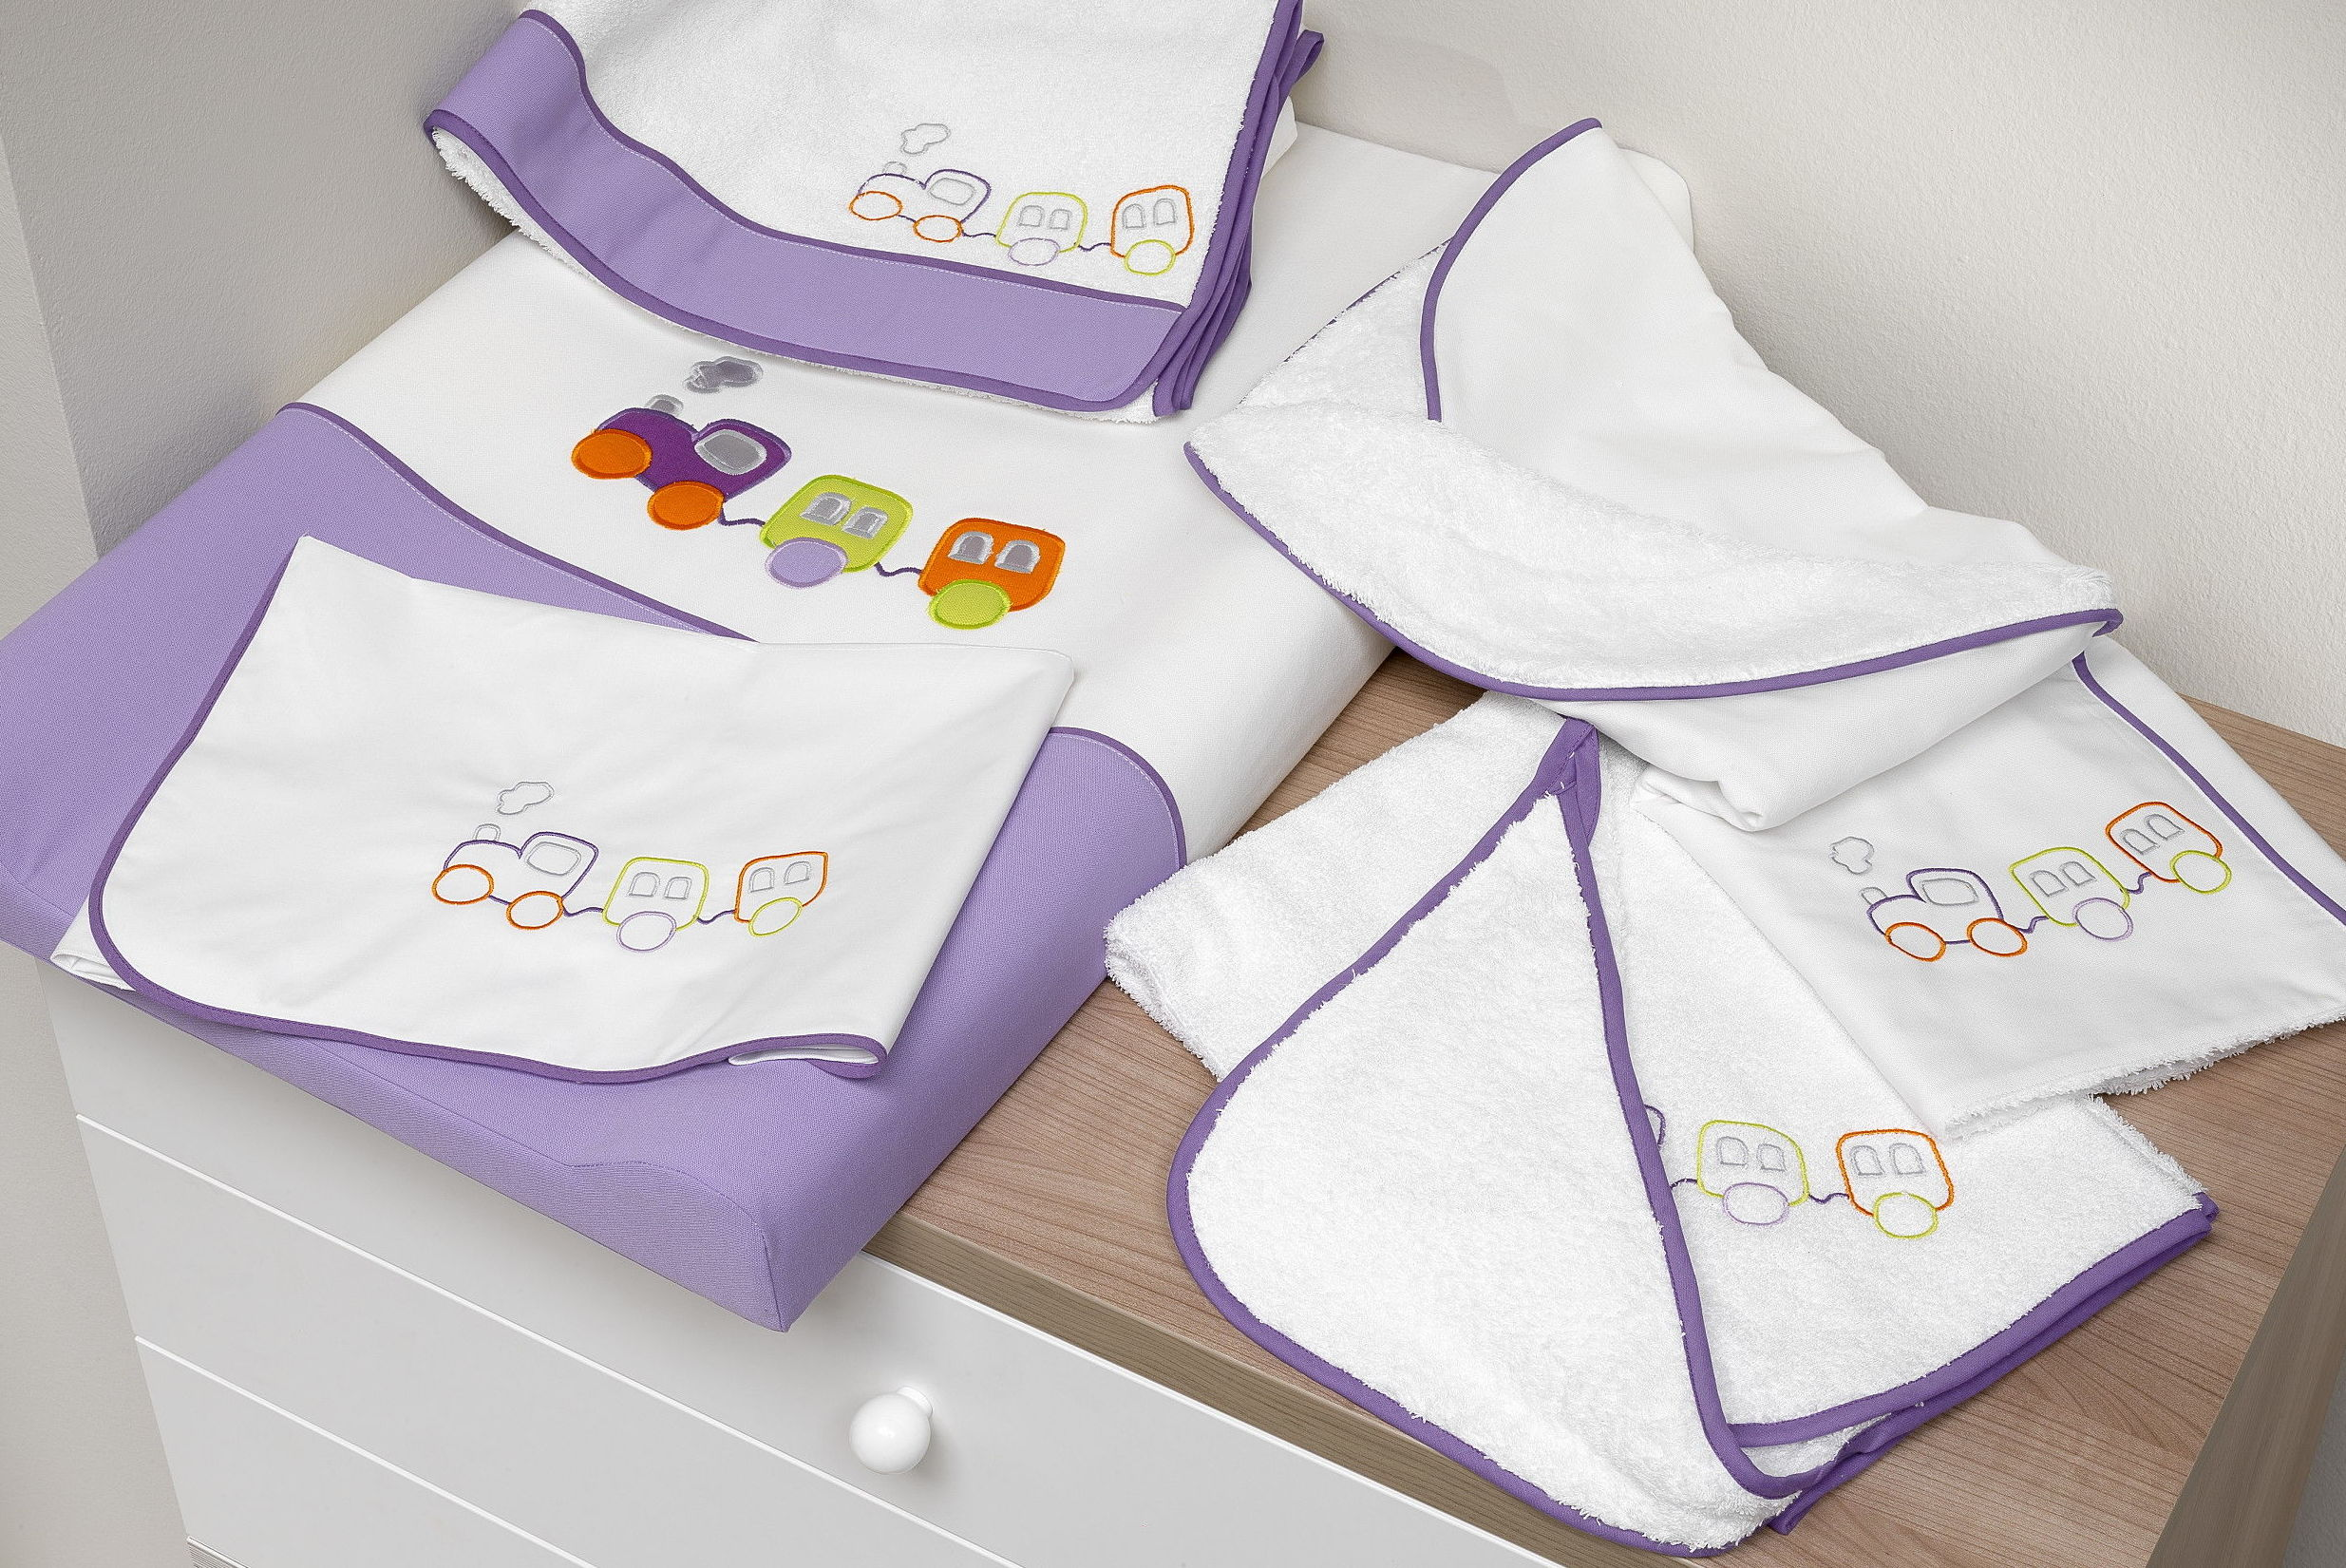 Foto 15 de Mobiliario infantil en L'Hospitalet de Llobregat | Materna|Productos para bebé con los precios más bajos